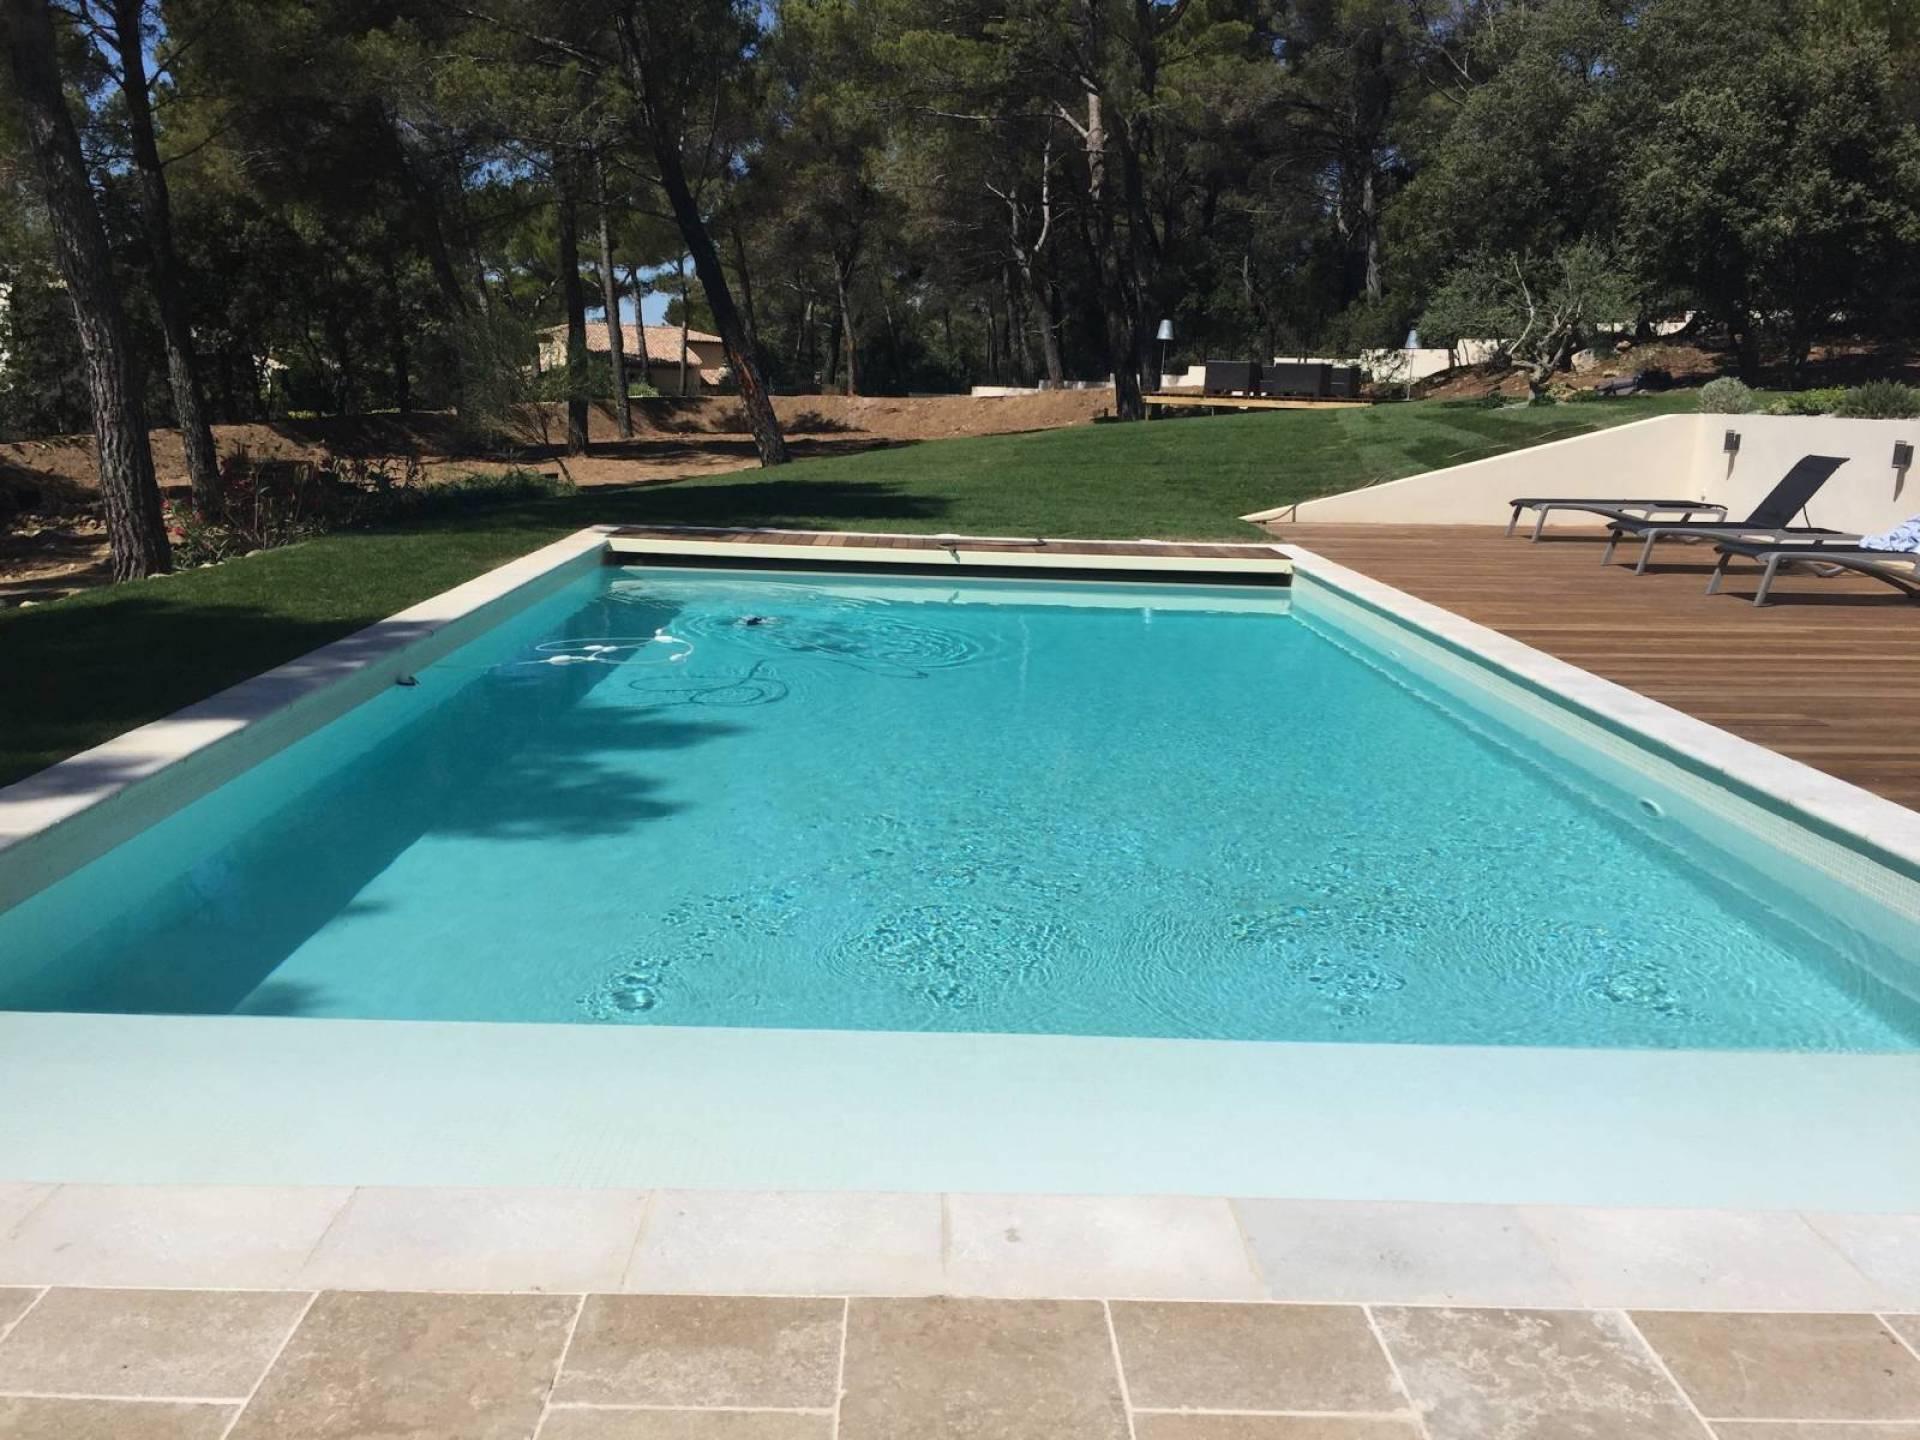 Am nagement ext rieur terrasse et piscine en paca mobilier d coration architecture c t - Piscine bassin exterieur aixen provence ...